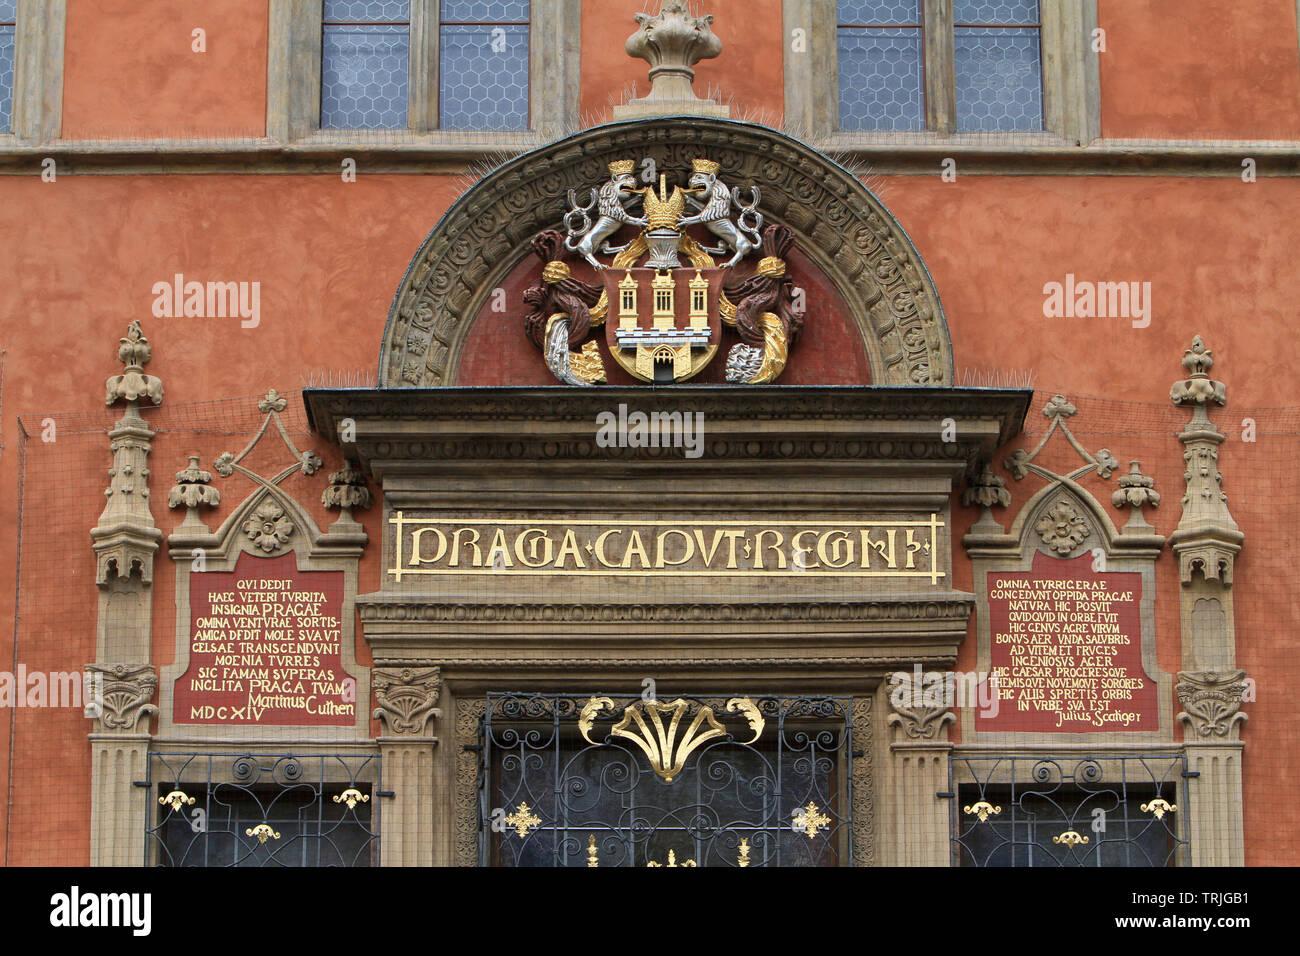 Armoiries de la Vieille Ville sur la façade de l'Hôtel de Ville. 'Prague, Praha, capitale du royaume'. Prague. Czech Republic. - Stock Image